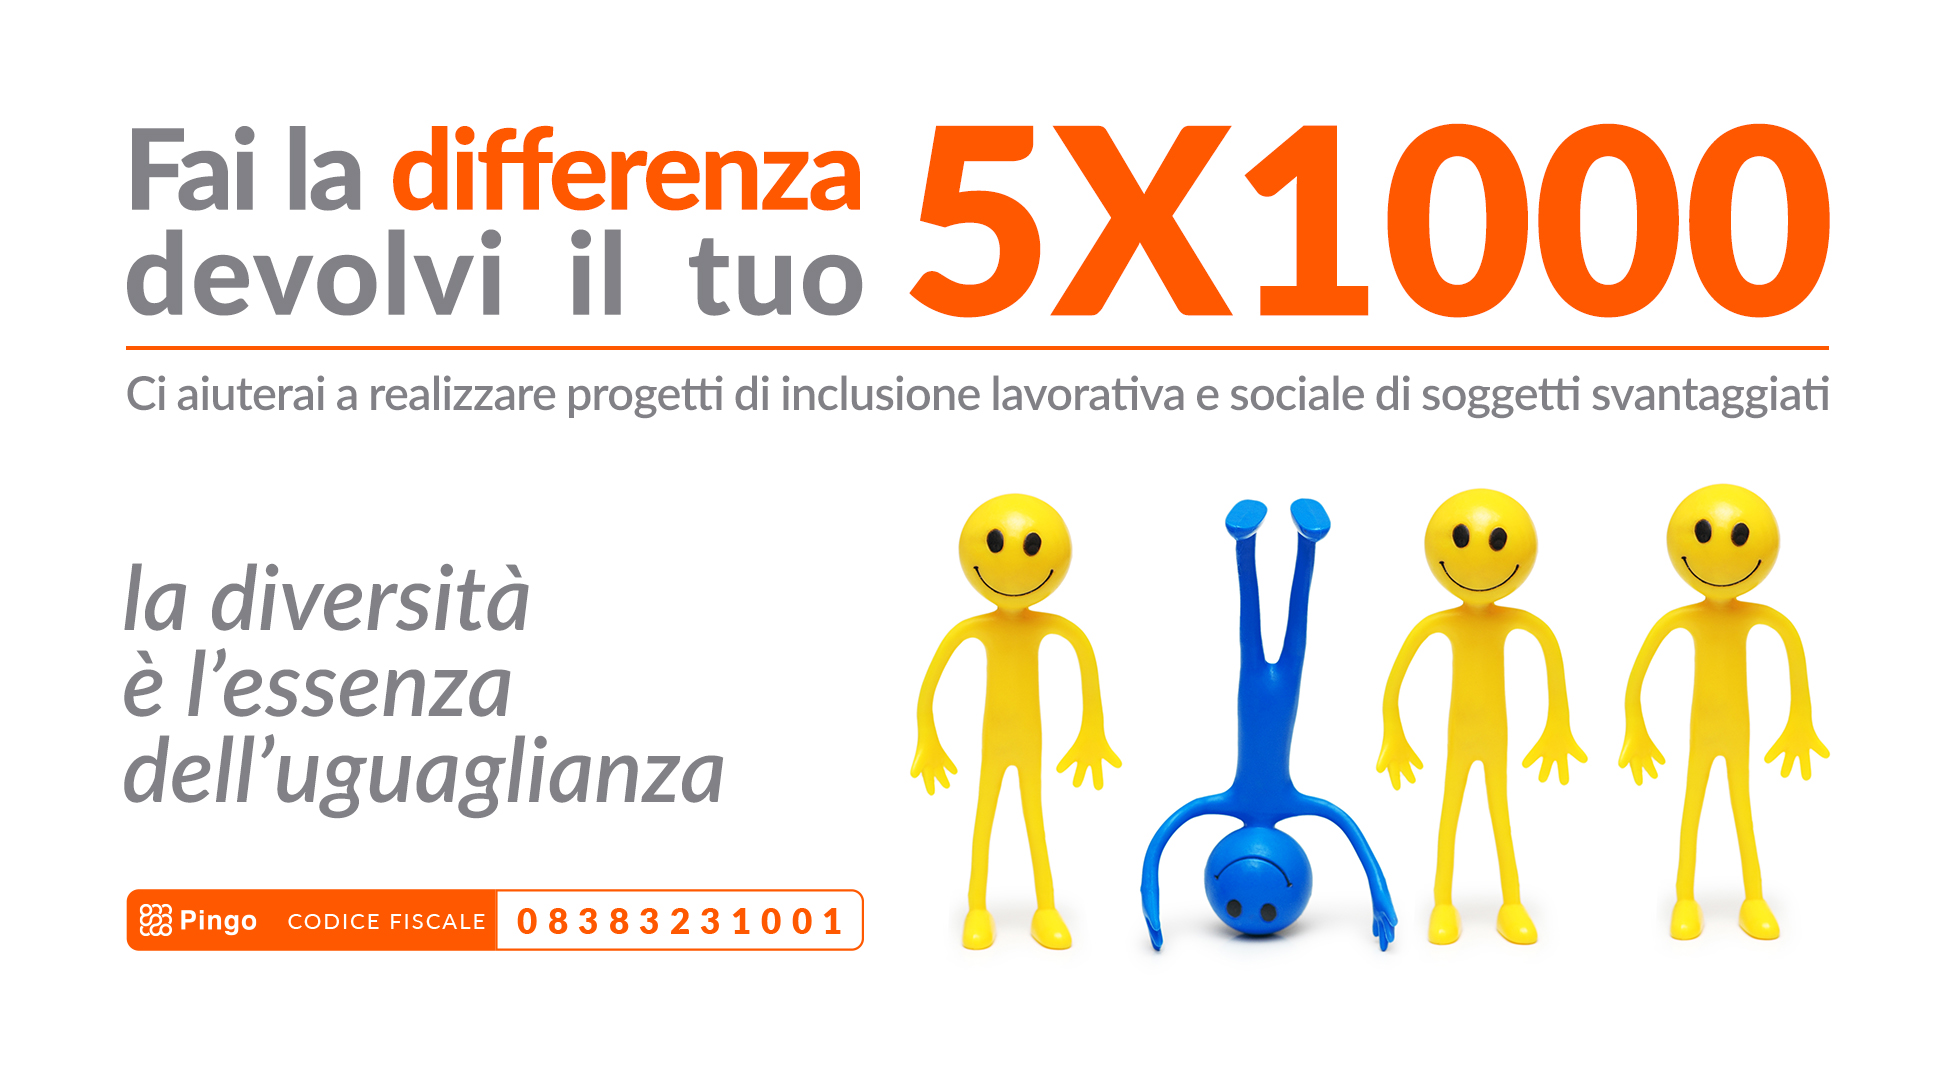 Fai la differenza, devolvi il tuo 5x1000. Ci aiuterai a realizzare progetti di inclusione lavorativa e sociale di soggetti svantaggiati